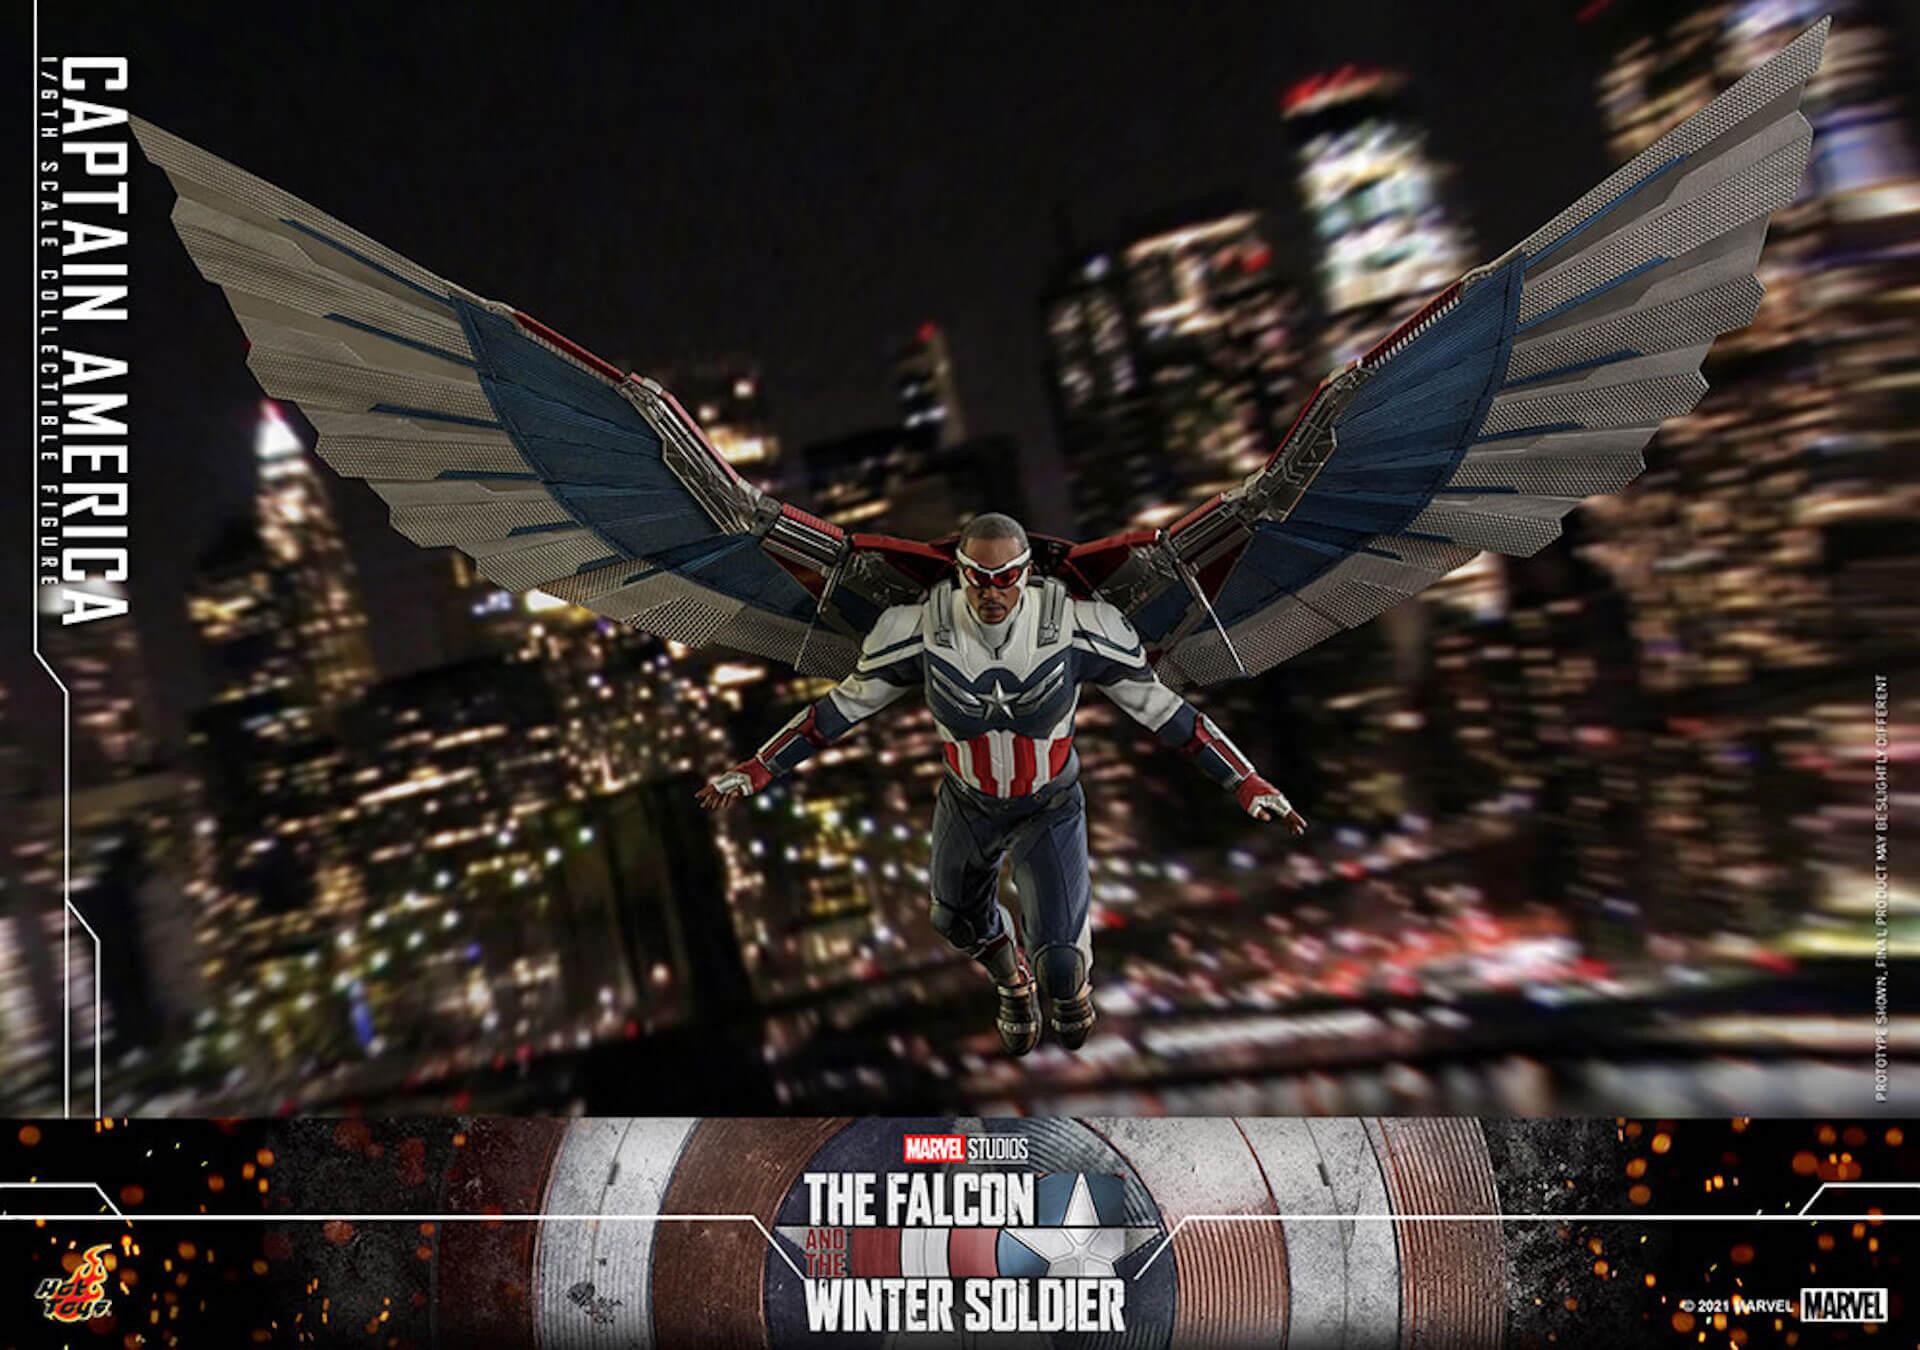 新たなキャプテン・アメリカが早くもホットトイズでフィギュアに!『ファルコン&ウィンター・ソルジャー』のサム・ウィルソンが登場 art210506_falcon_wintersoldier_6